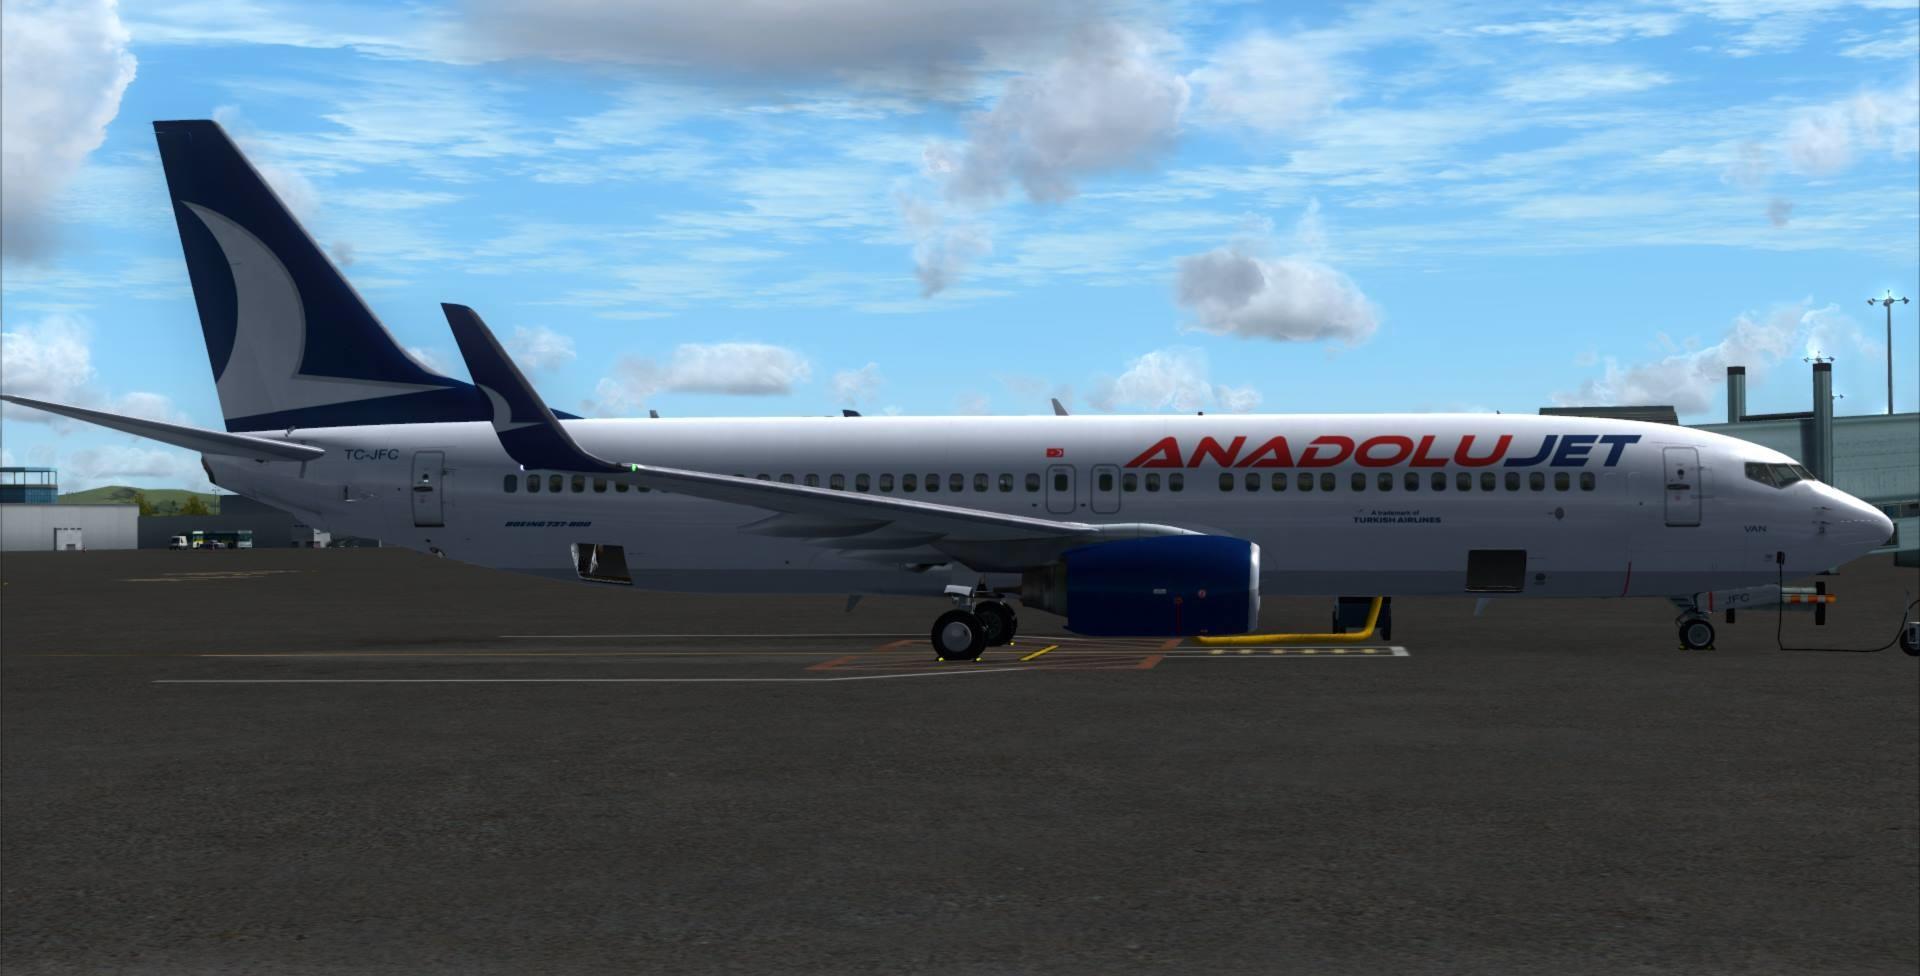 PMDG 737-800WL ANADOLUJET BOYANDI! P3D/FSX - Engineers